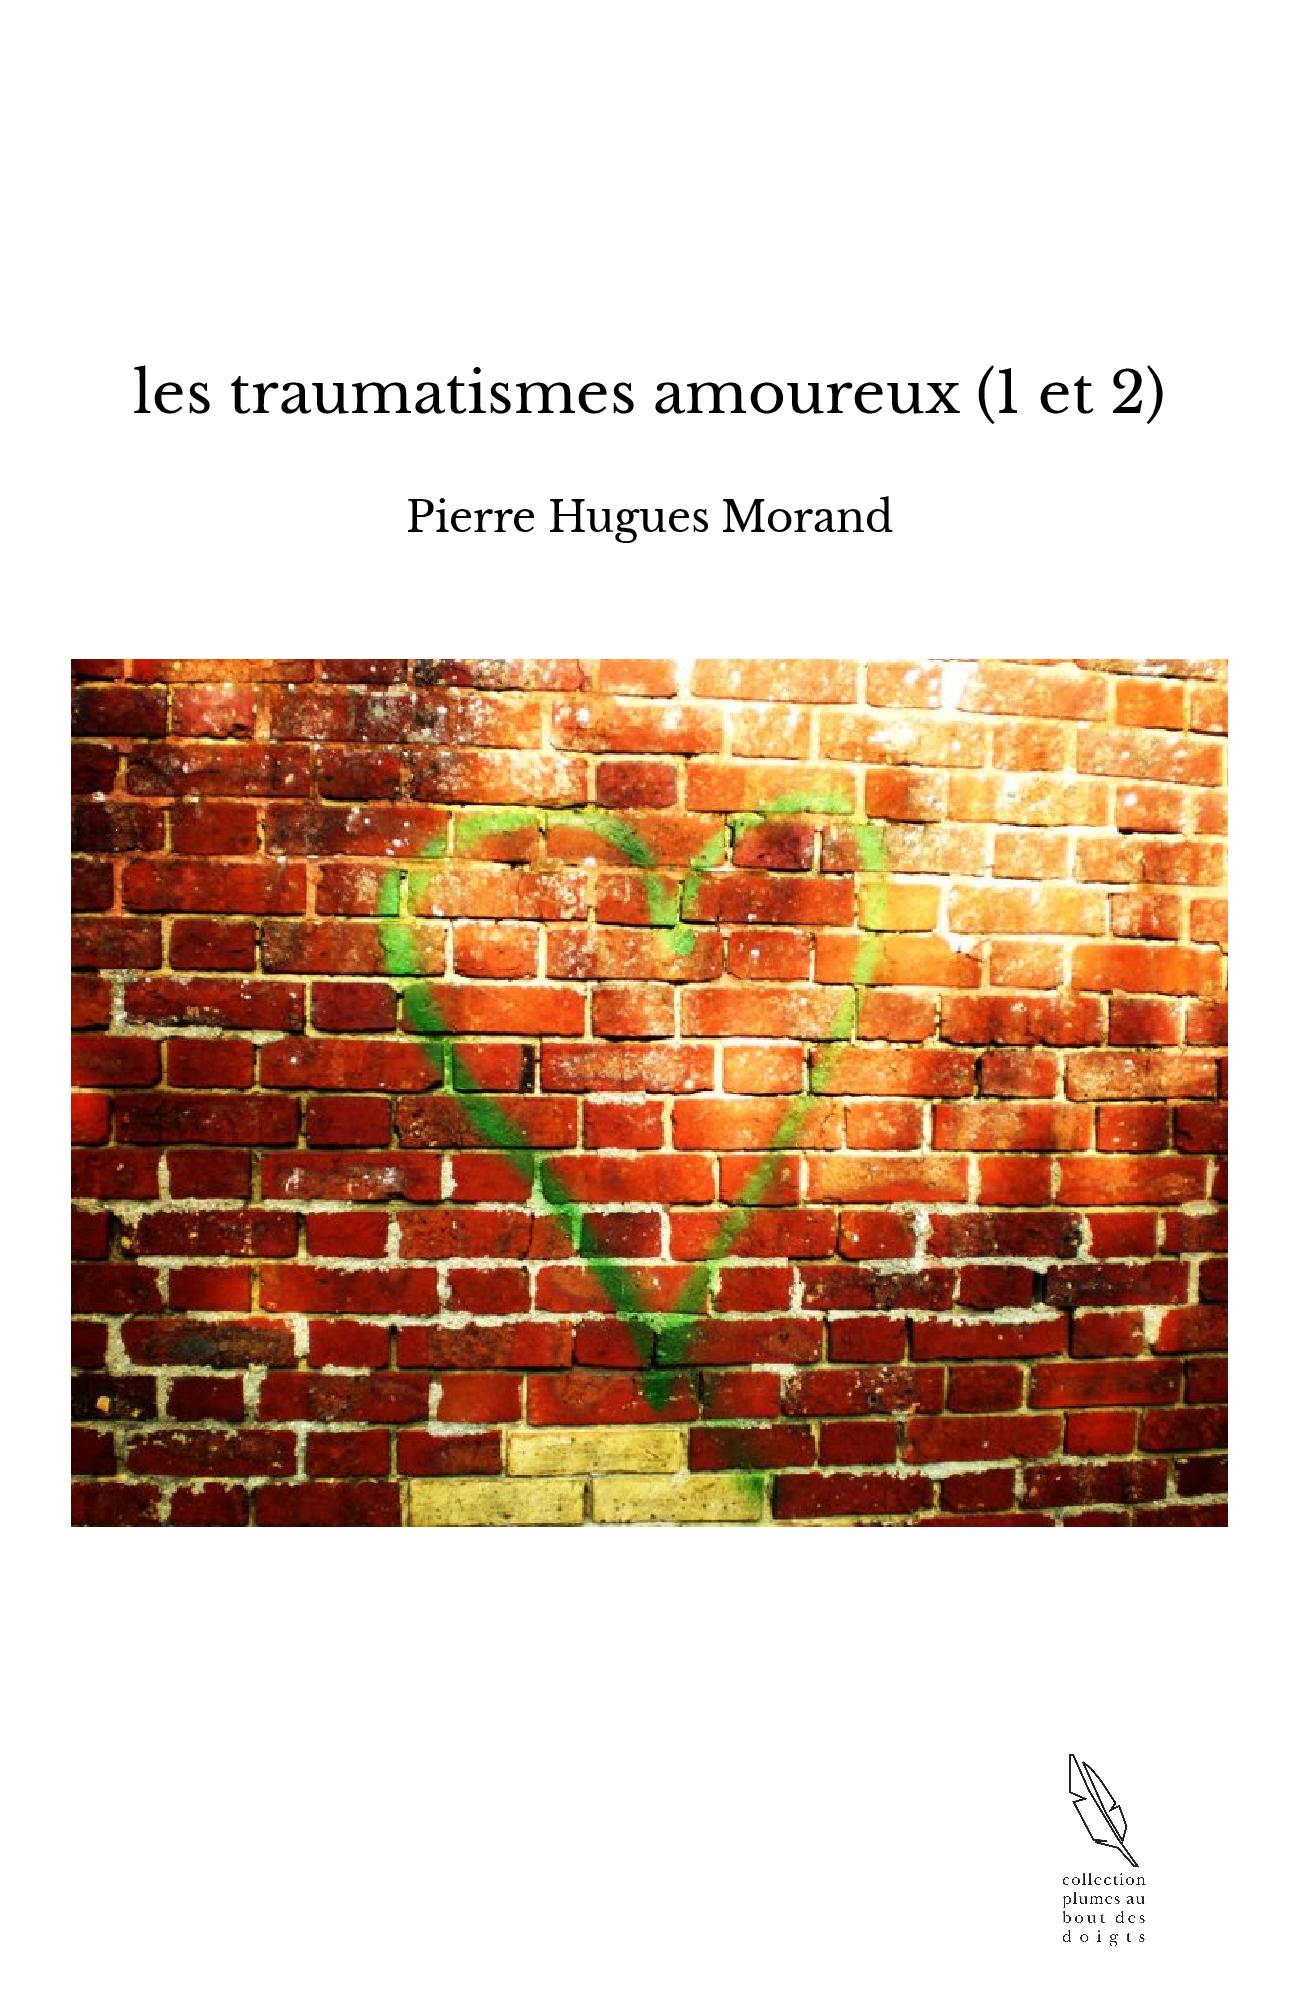 les traumatismes amoureux (1 et 2)